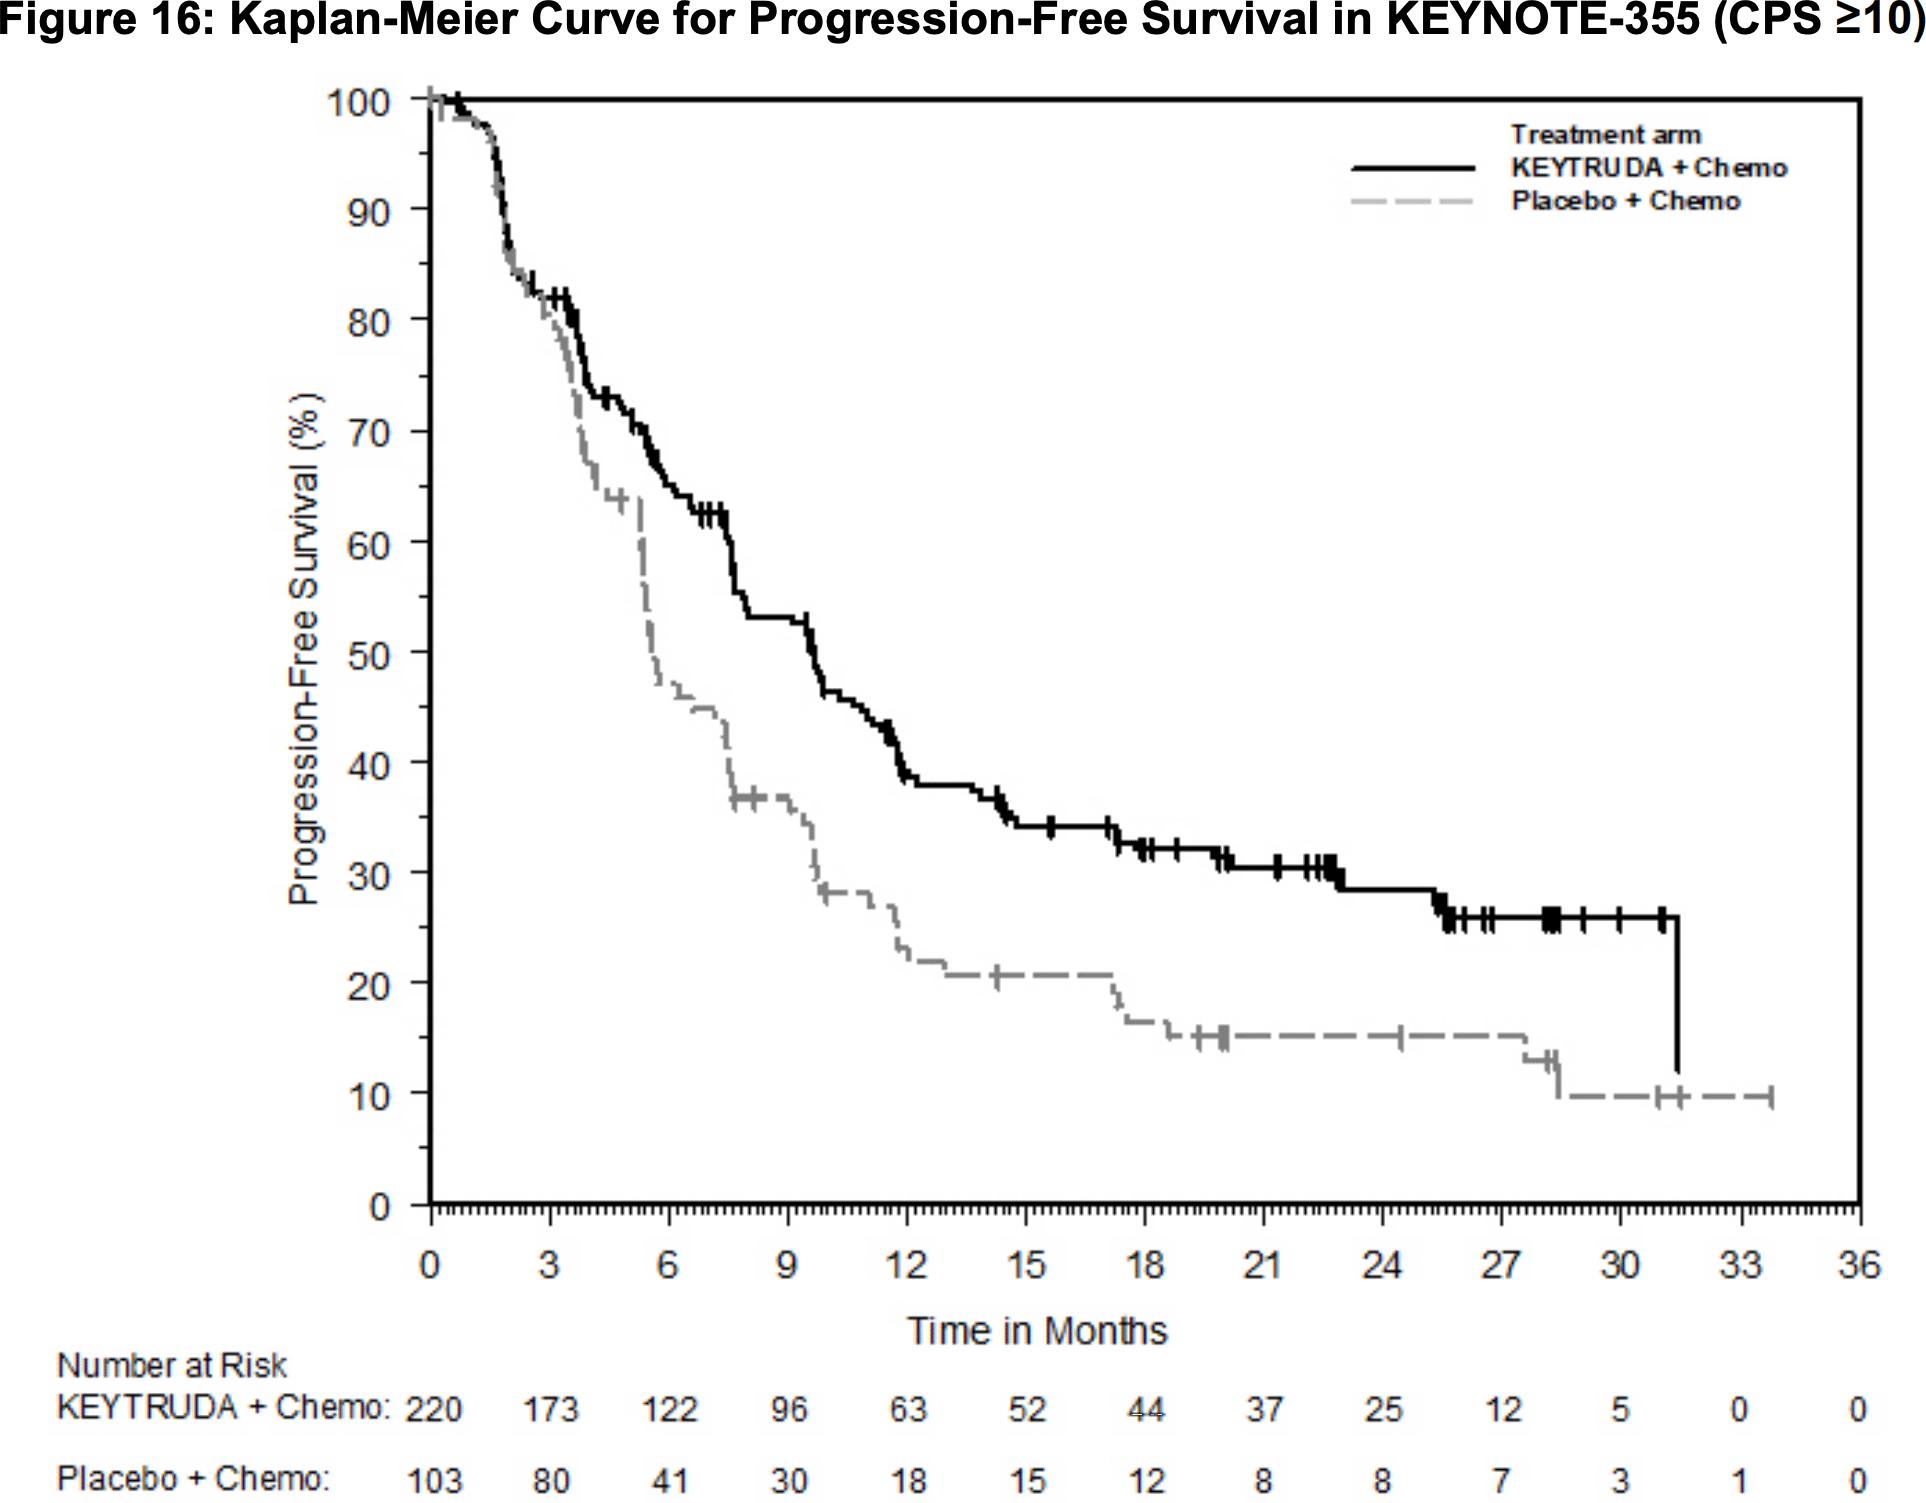 nct02819518 results 02 - «Китруда» разрешен для первоочередного лечения трижды негативного рака молочной железы